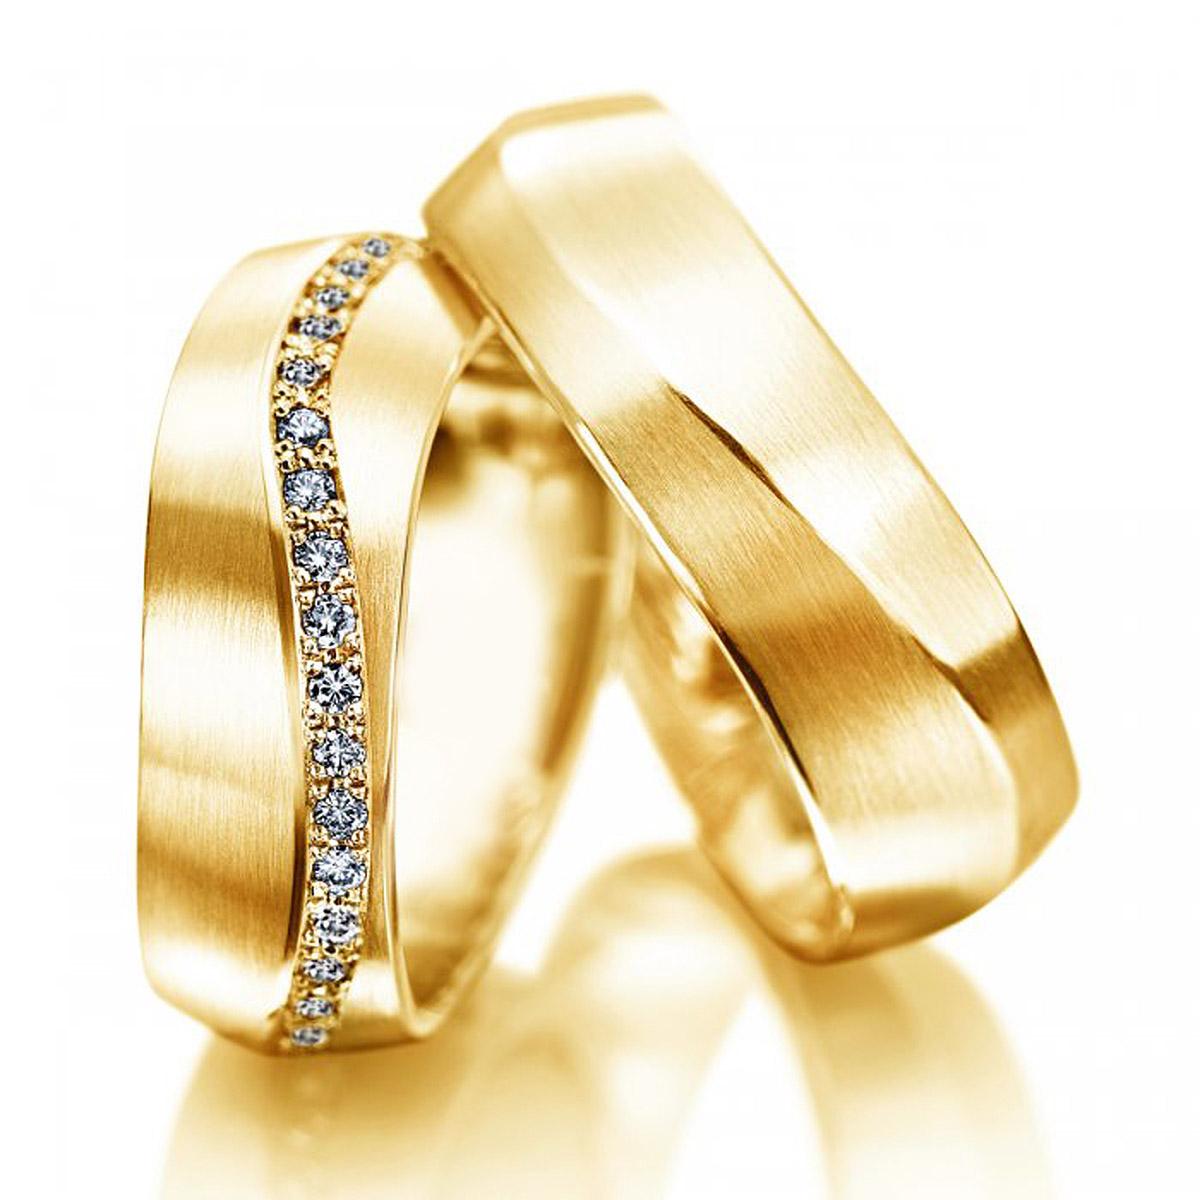 Alian�a de Noivado Modelo Tri�ngulo com Diamantes